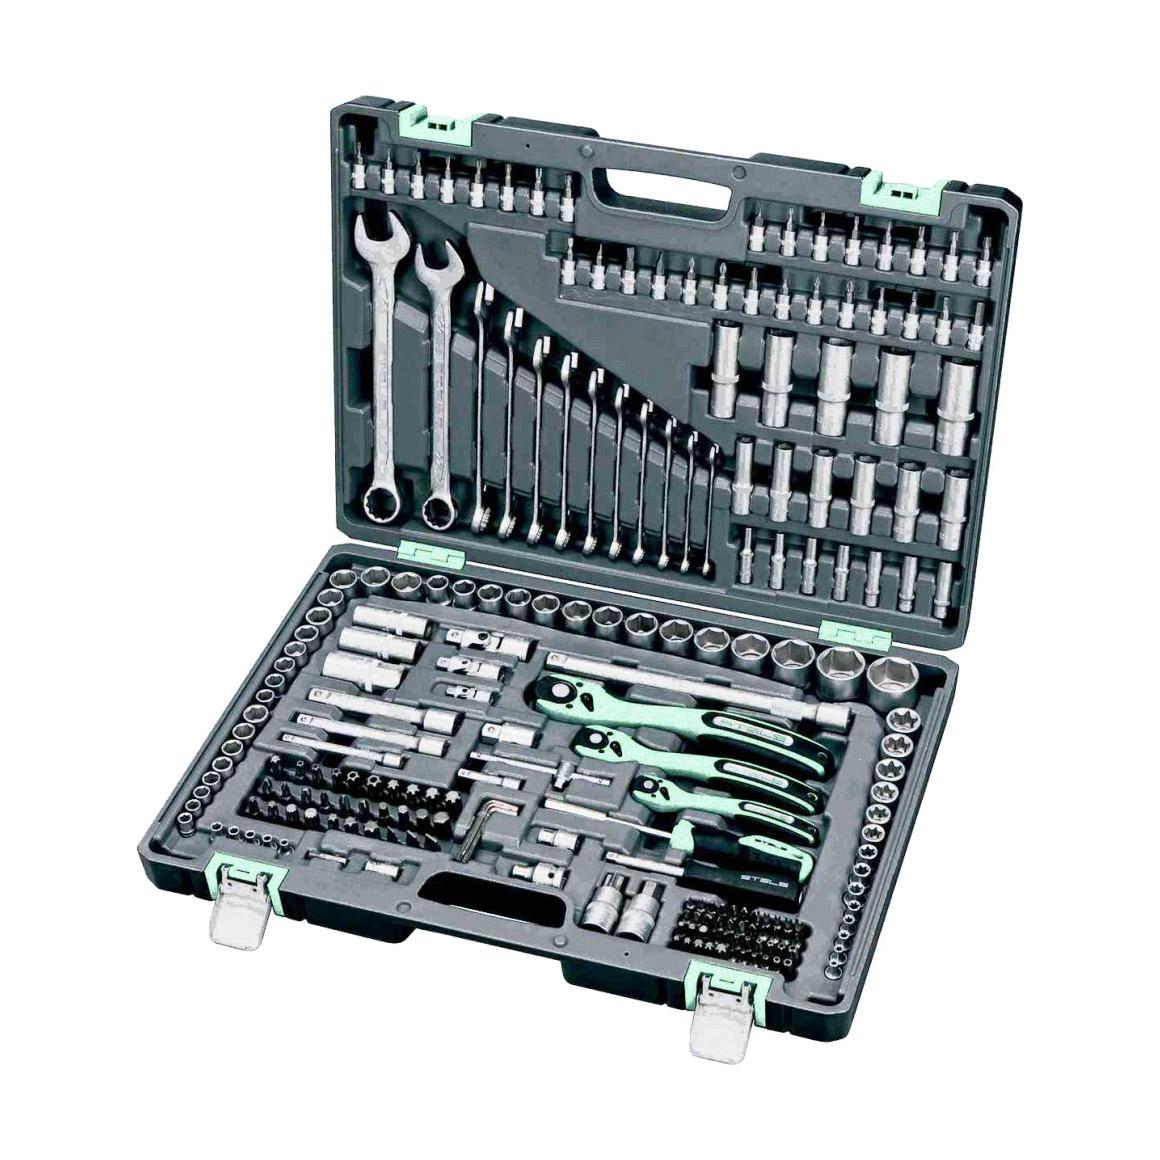 Набор инструментов Stels 216 предметов 1/4 3/8 1/2 Cr-V S2 набор инструментов stels 58 предметов 14113